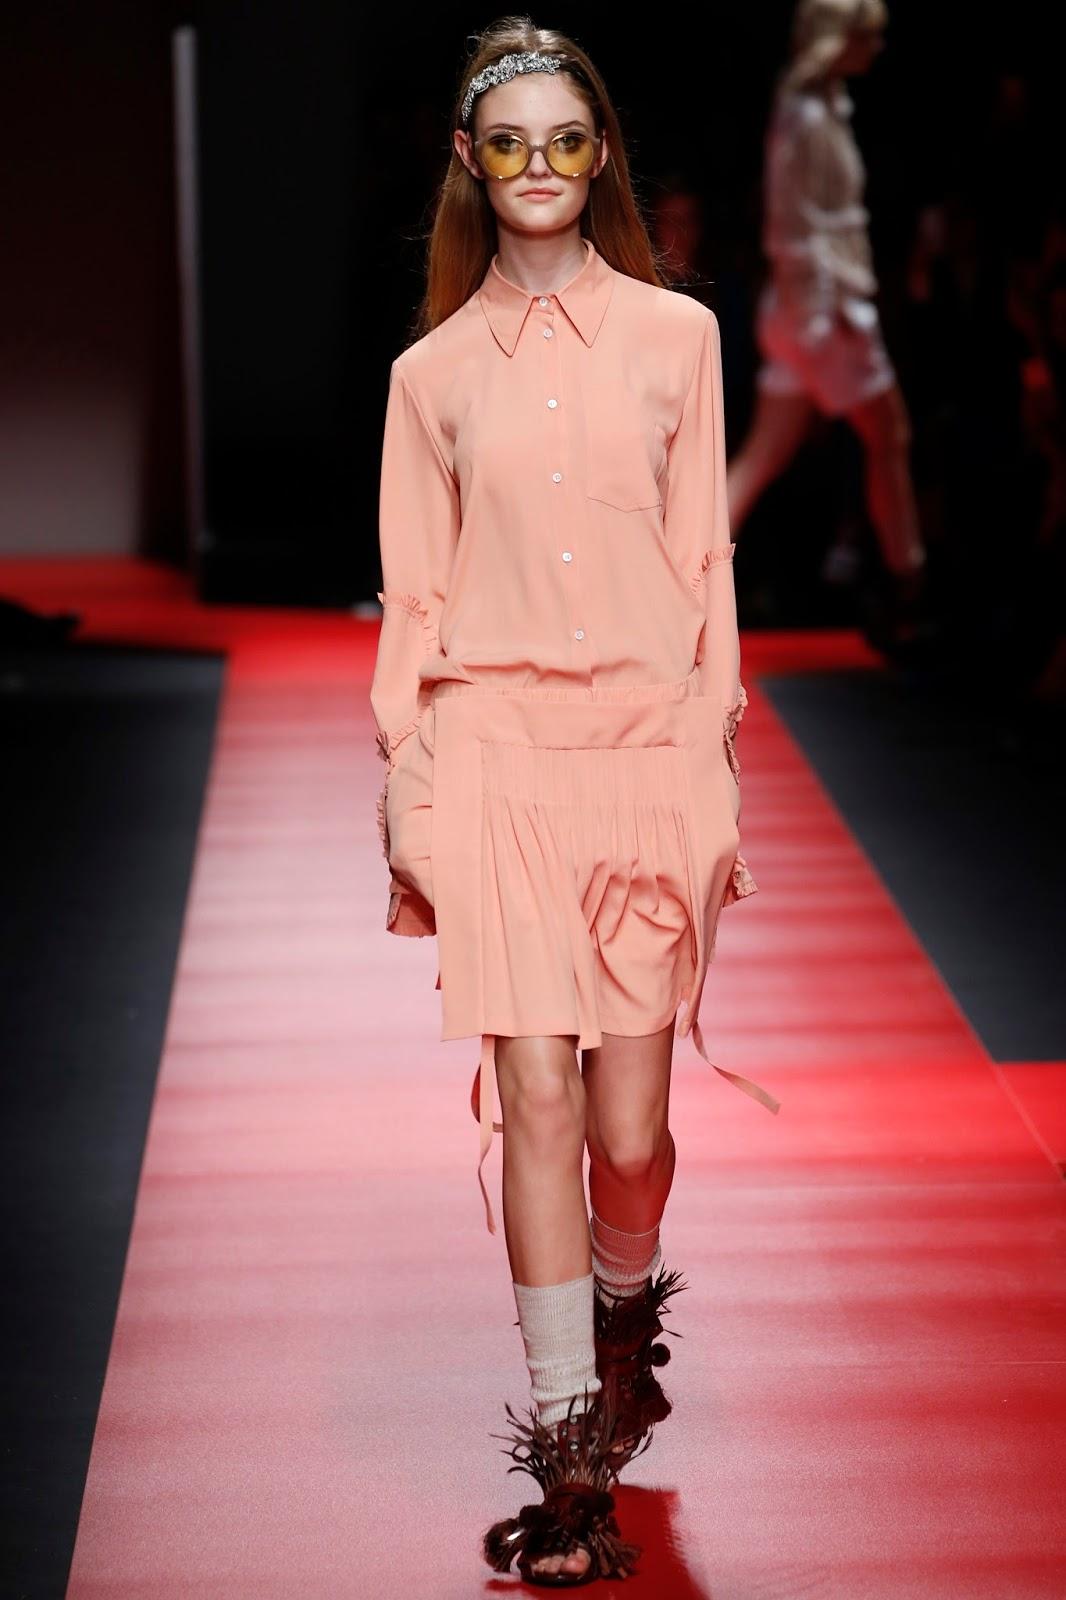 milan fashion week spring 2016, look, catwalk, model